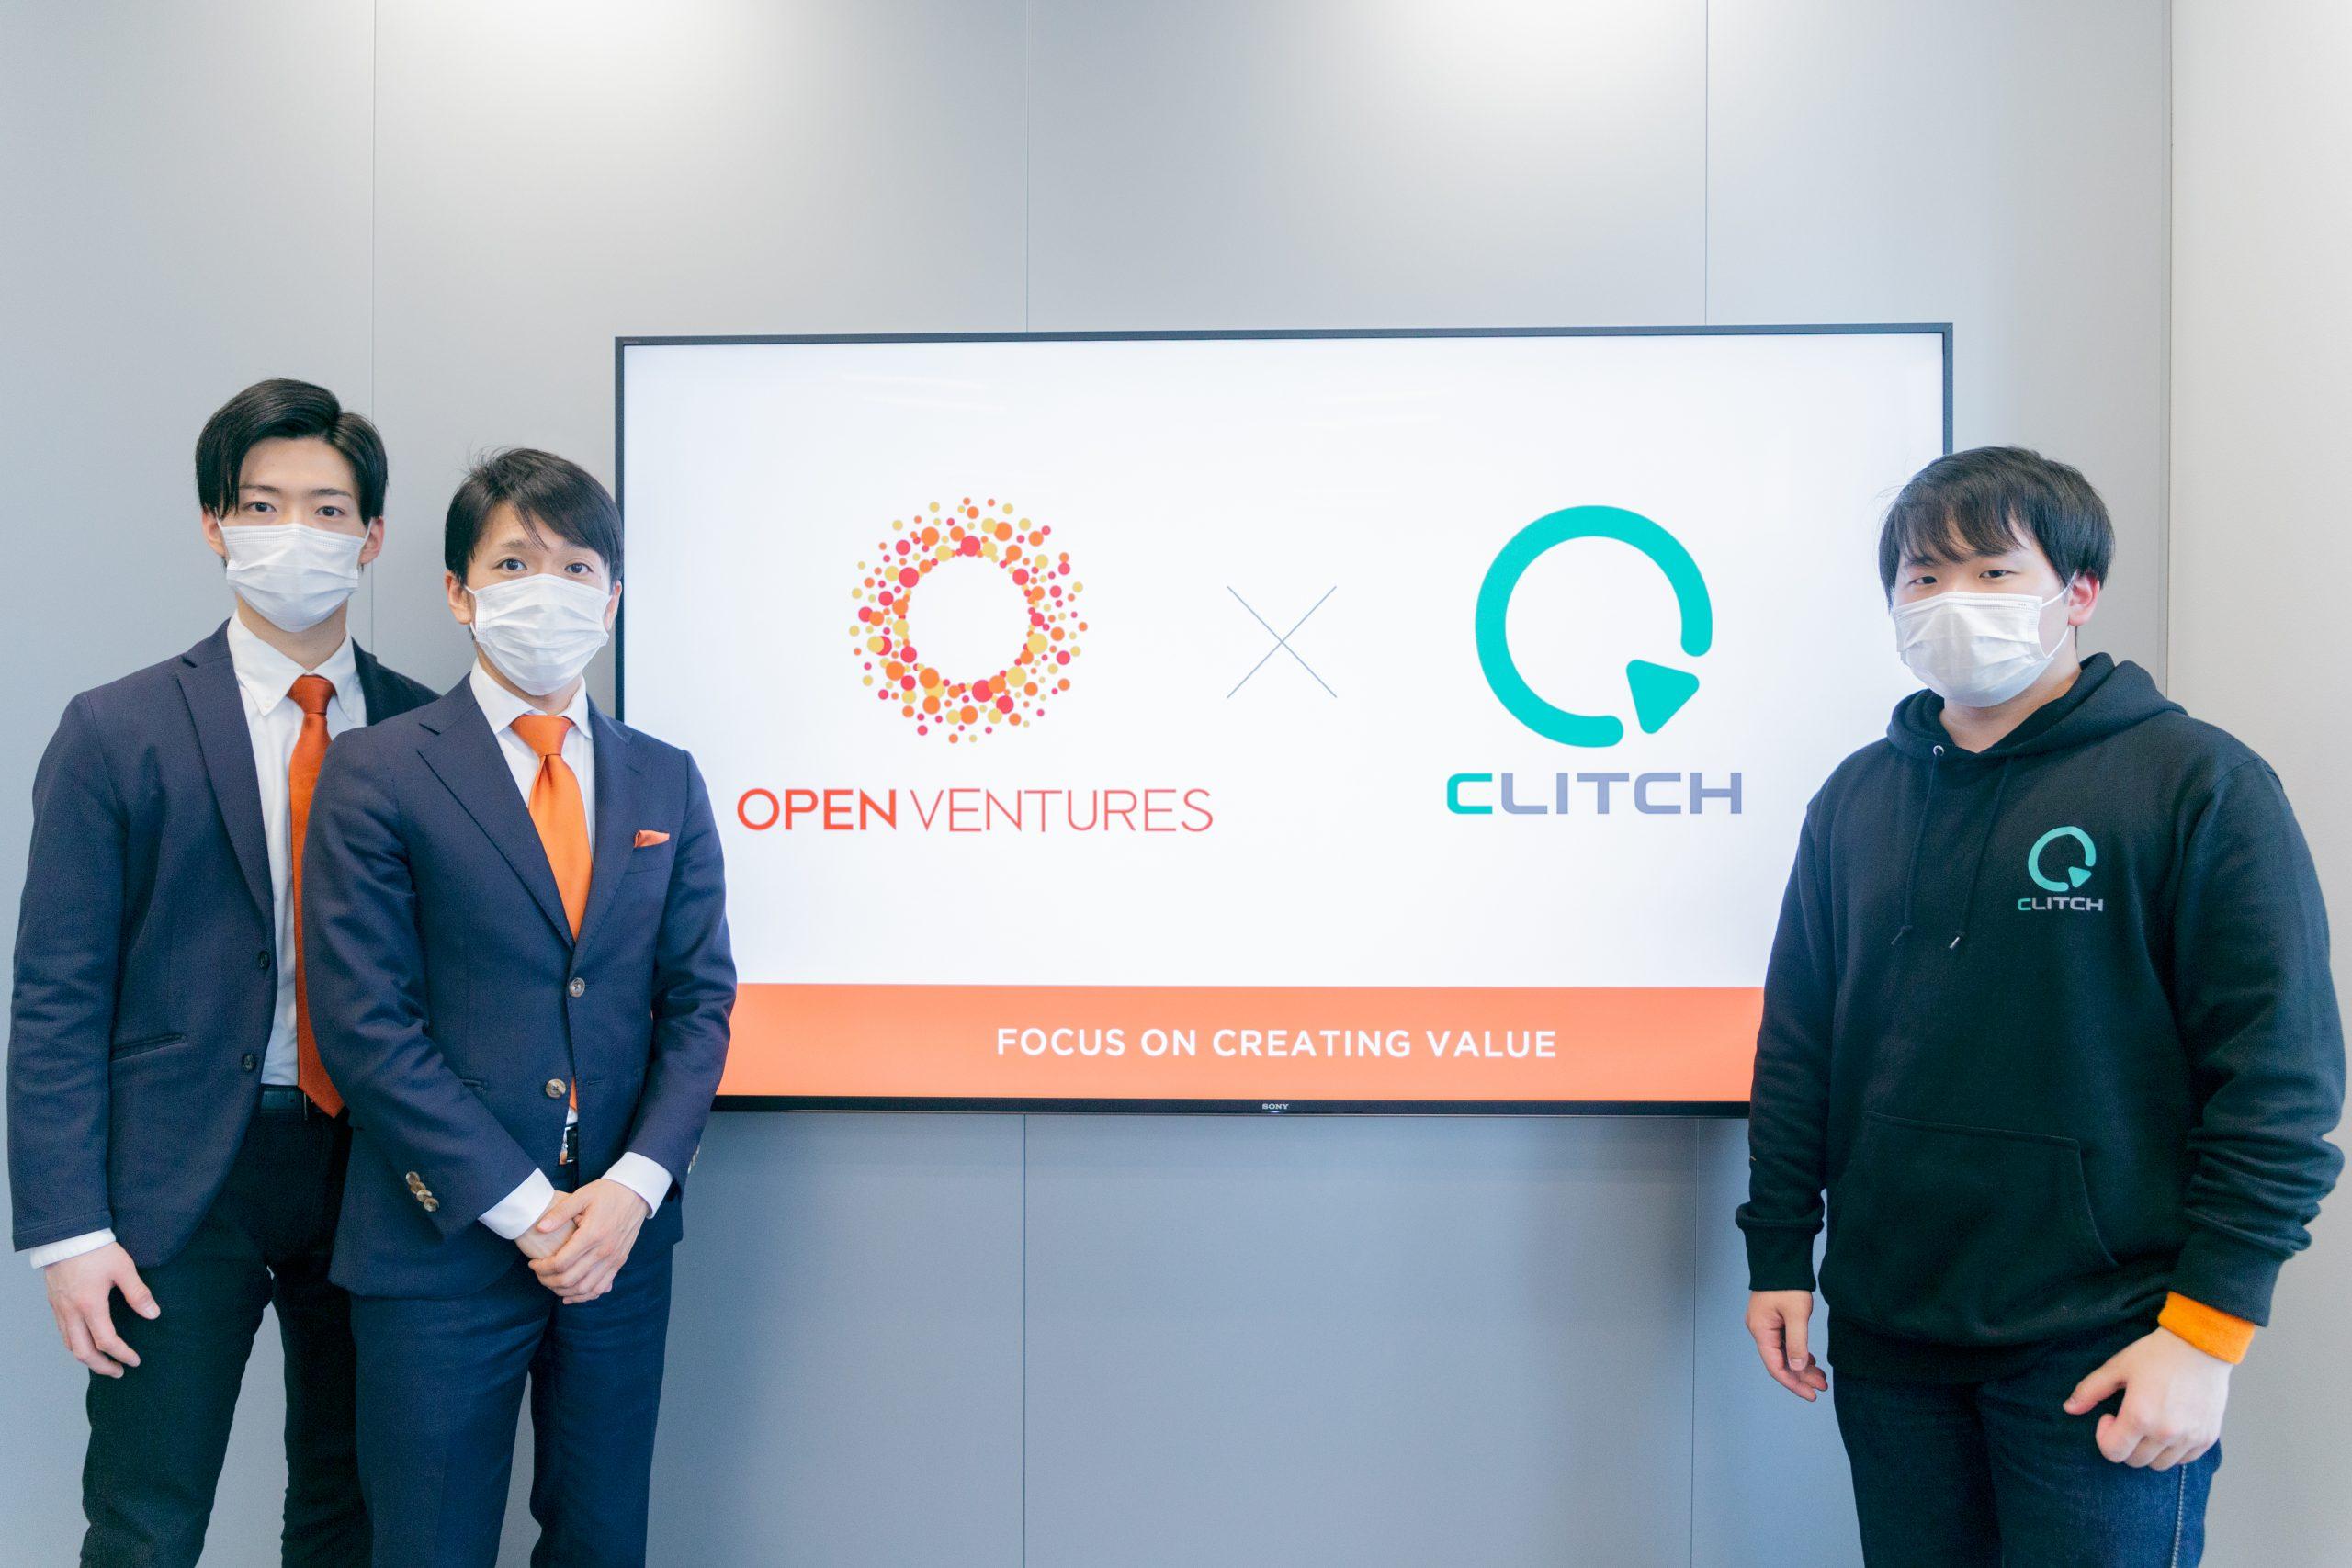 「ゲーマー視点で、eスポーツ市場の未来を拓く」CLITCH×OPEN VENTURES対談